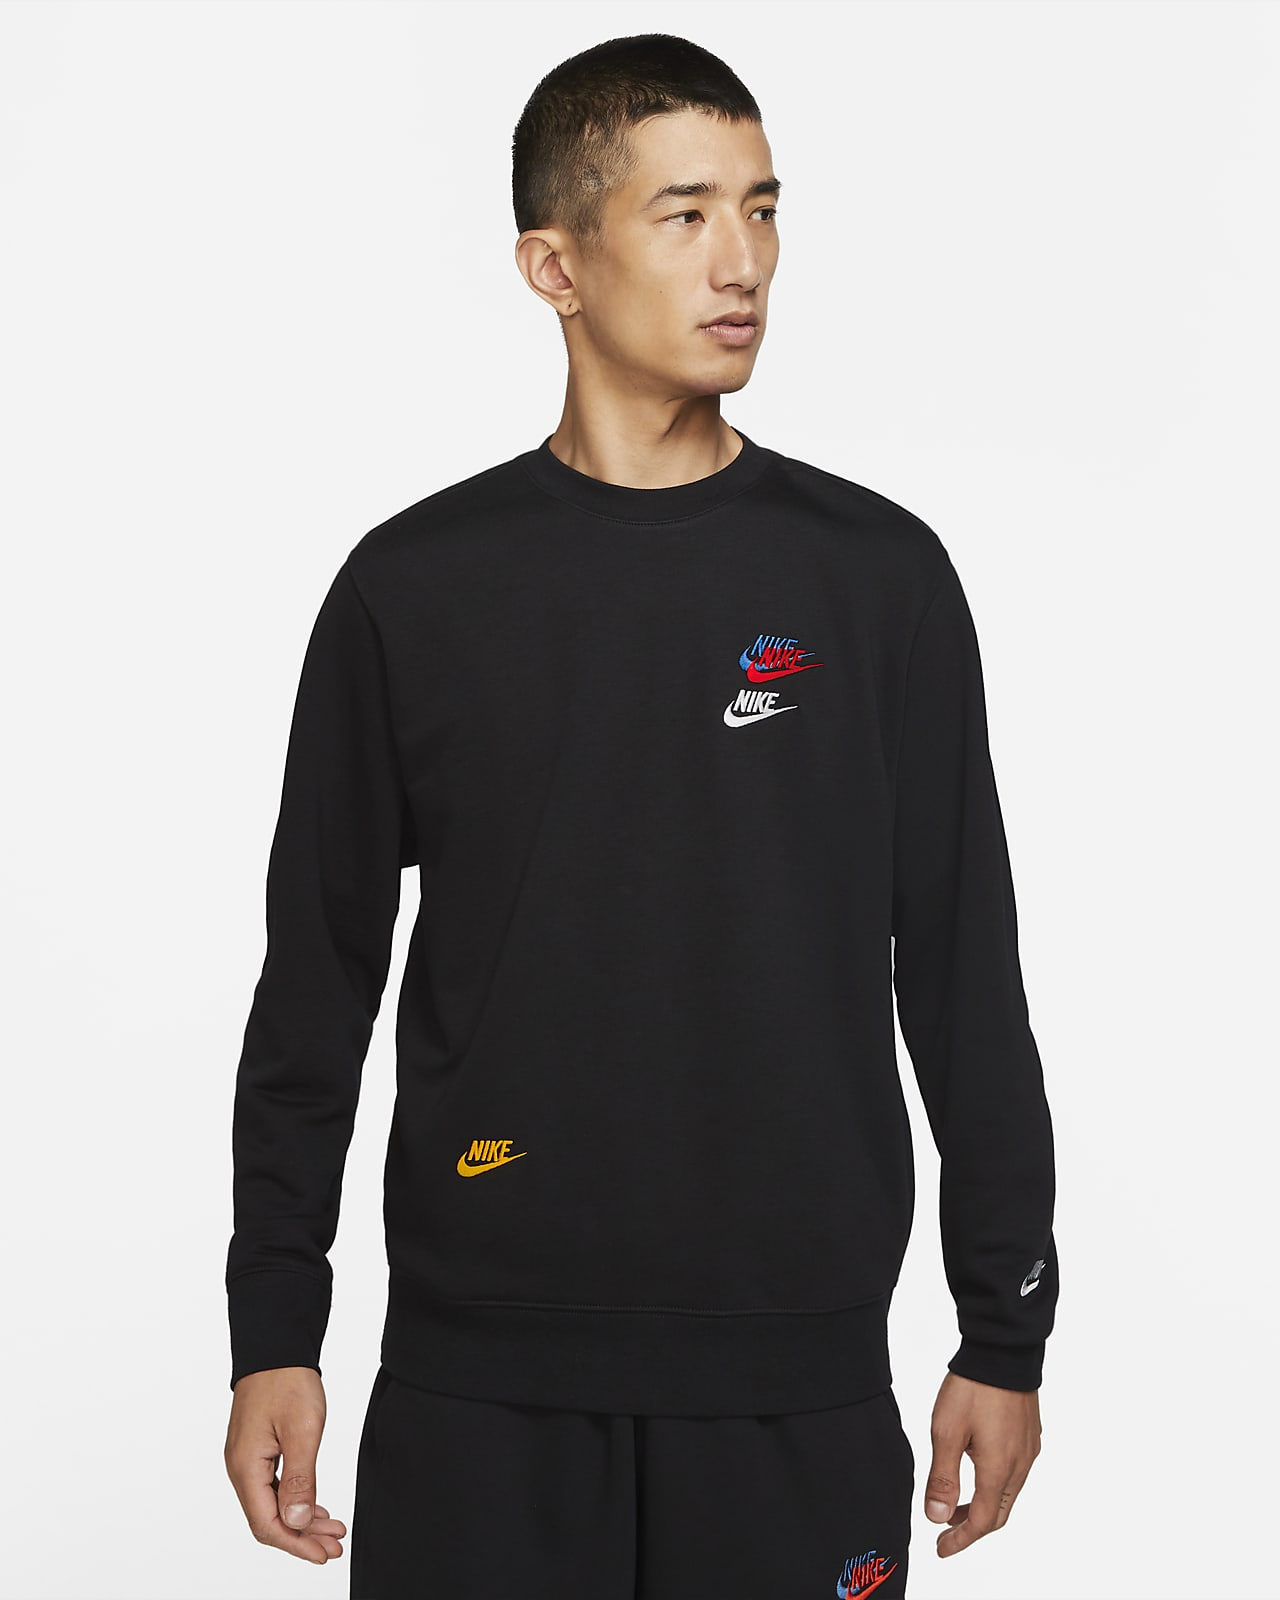 Nike Sportswear Essentials+ 男款法國毛圈布圓領上衣